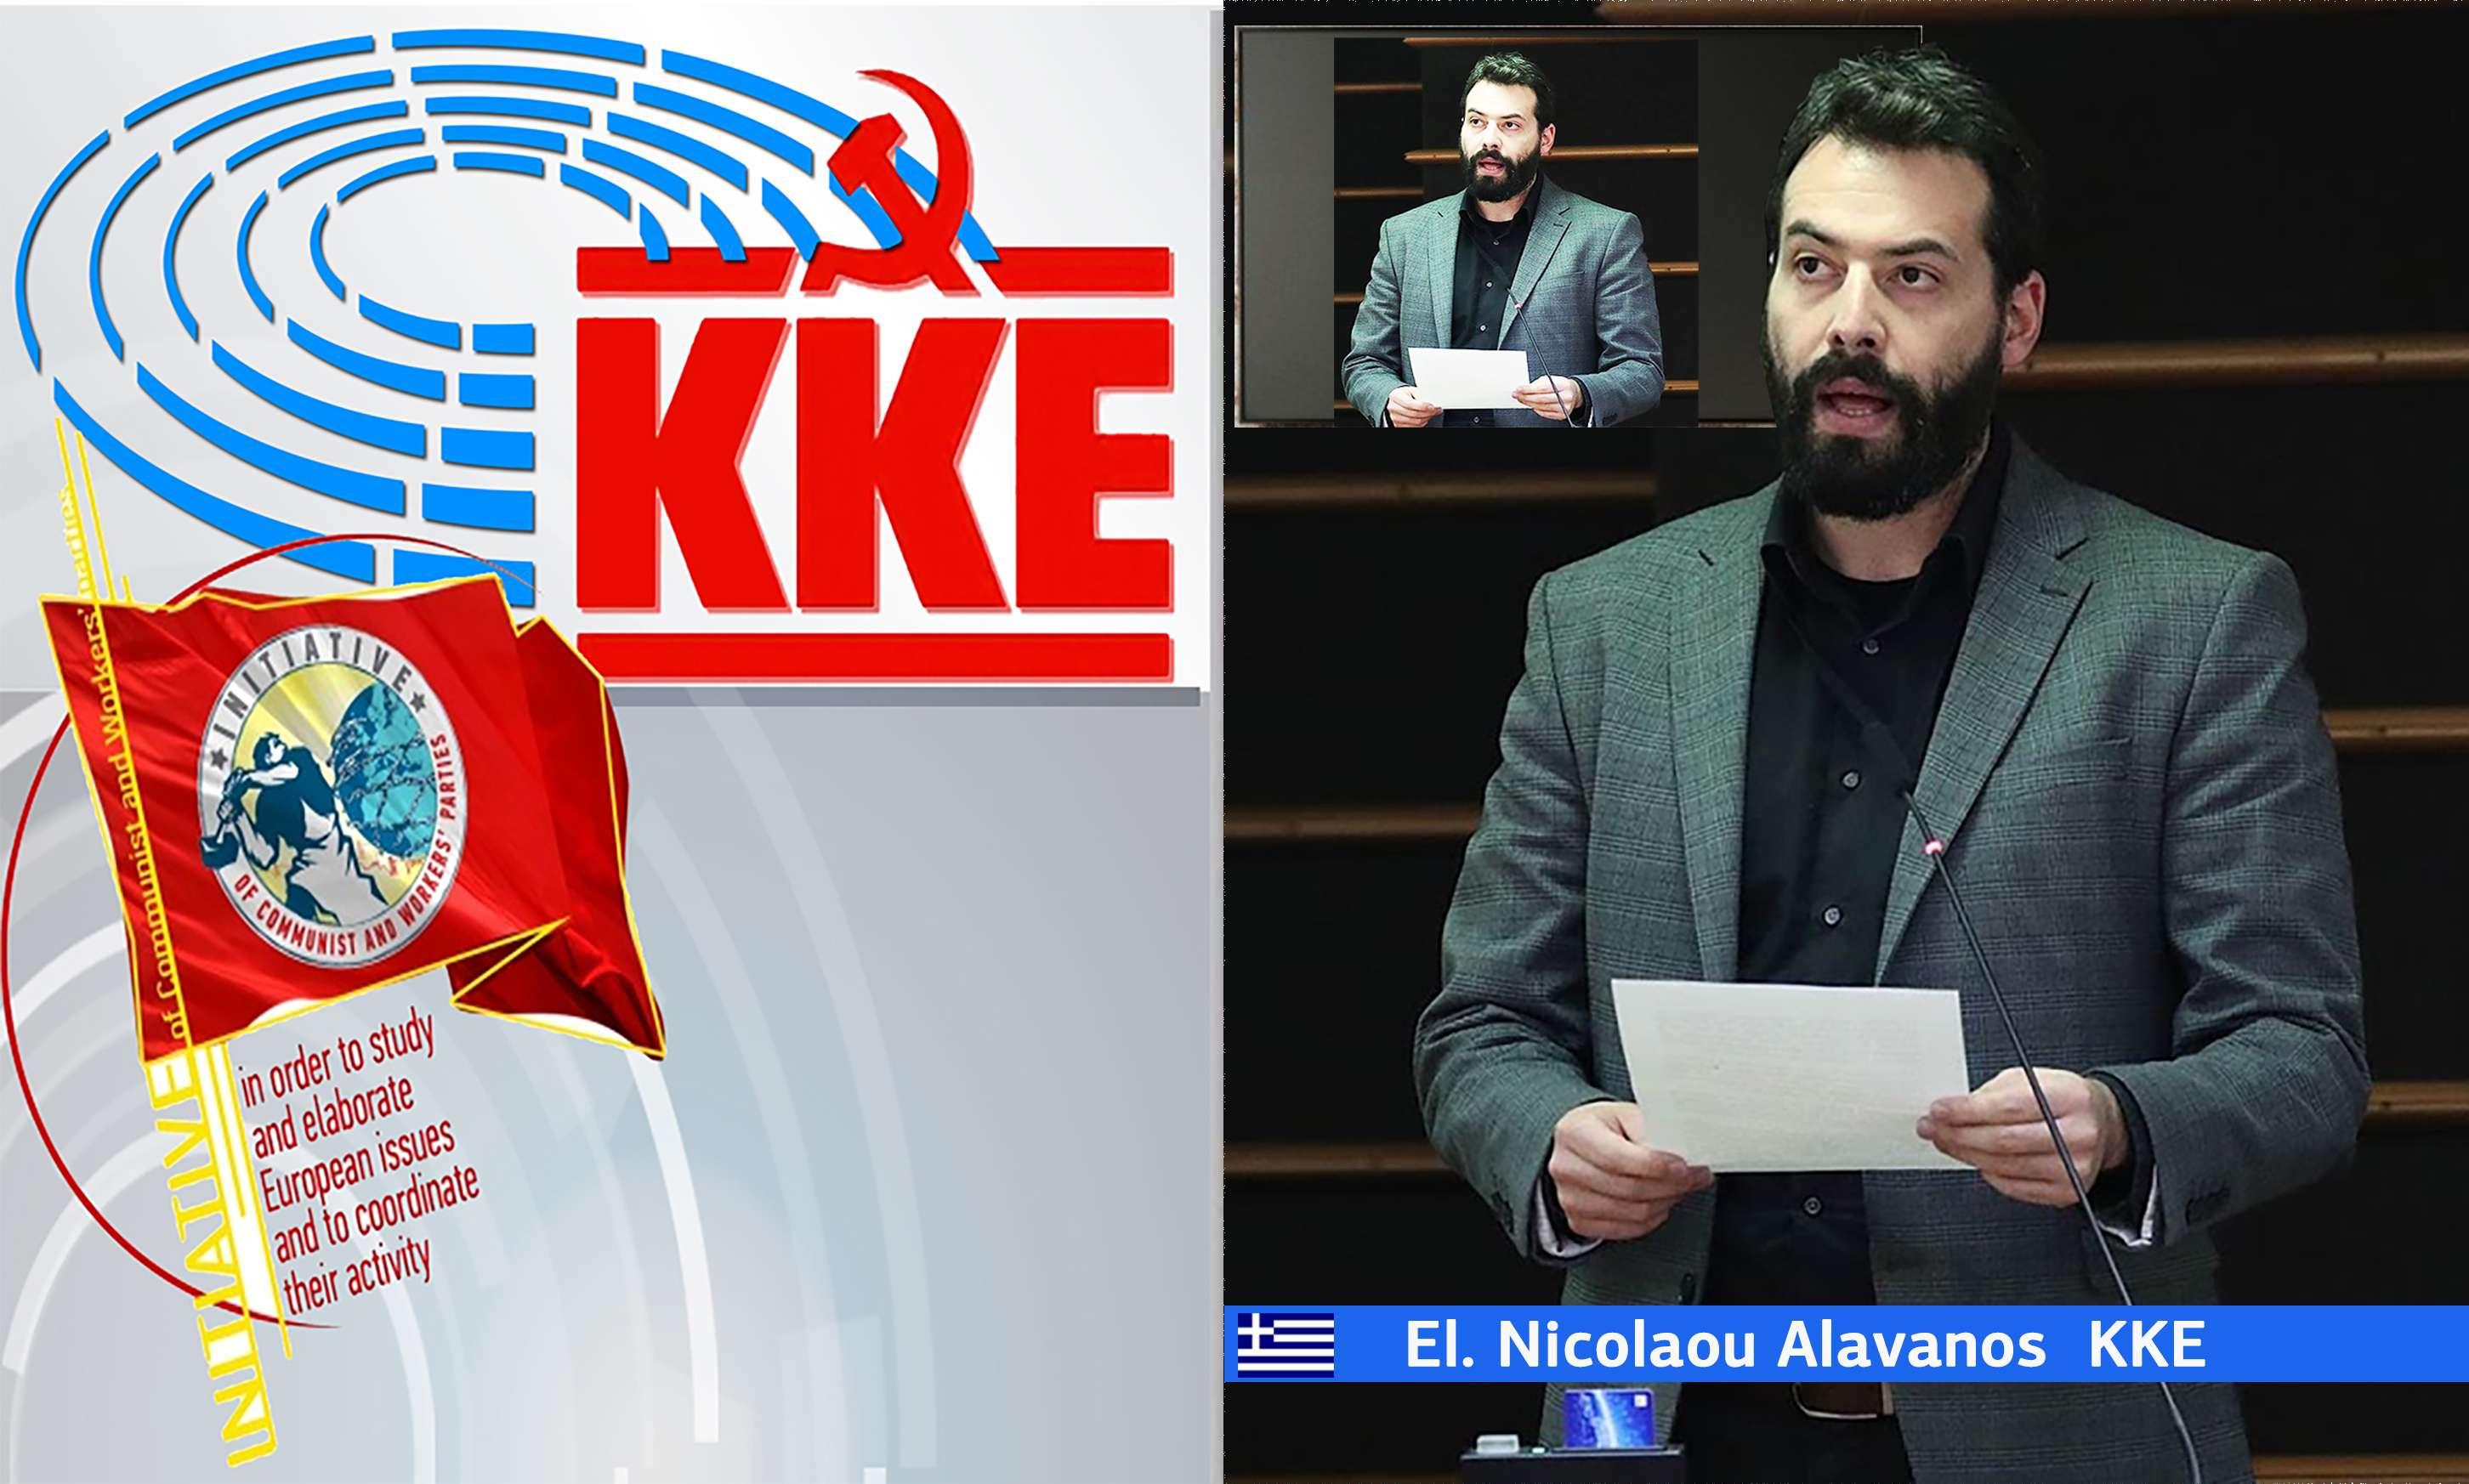 Λευτέρης Νικολάου Αλαβάνος Ευρωβουλή KKE